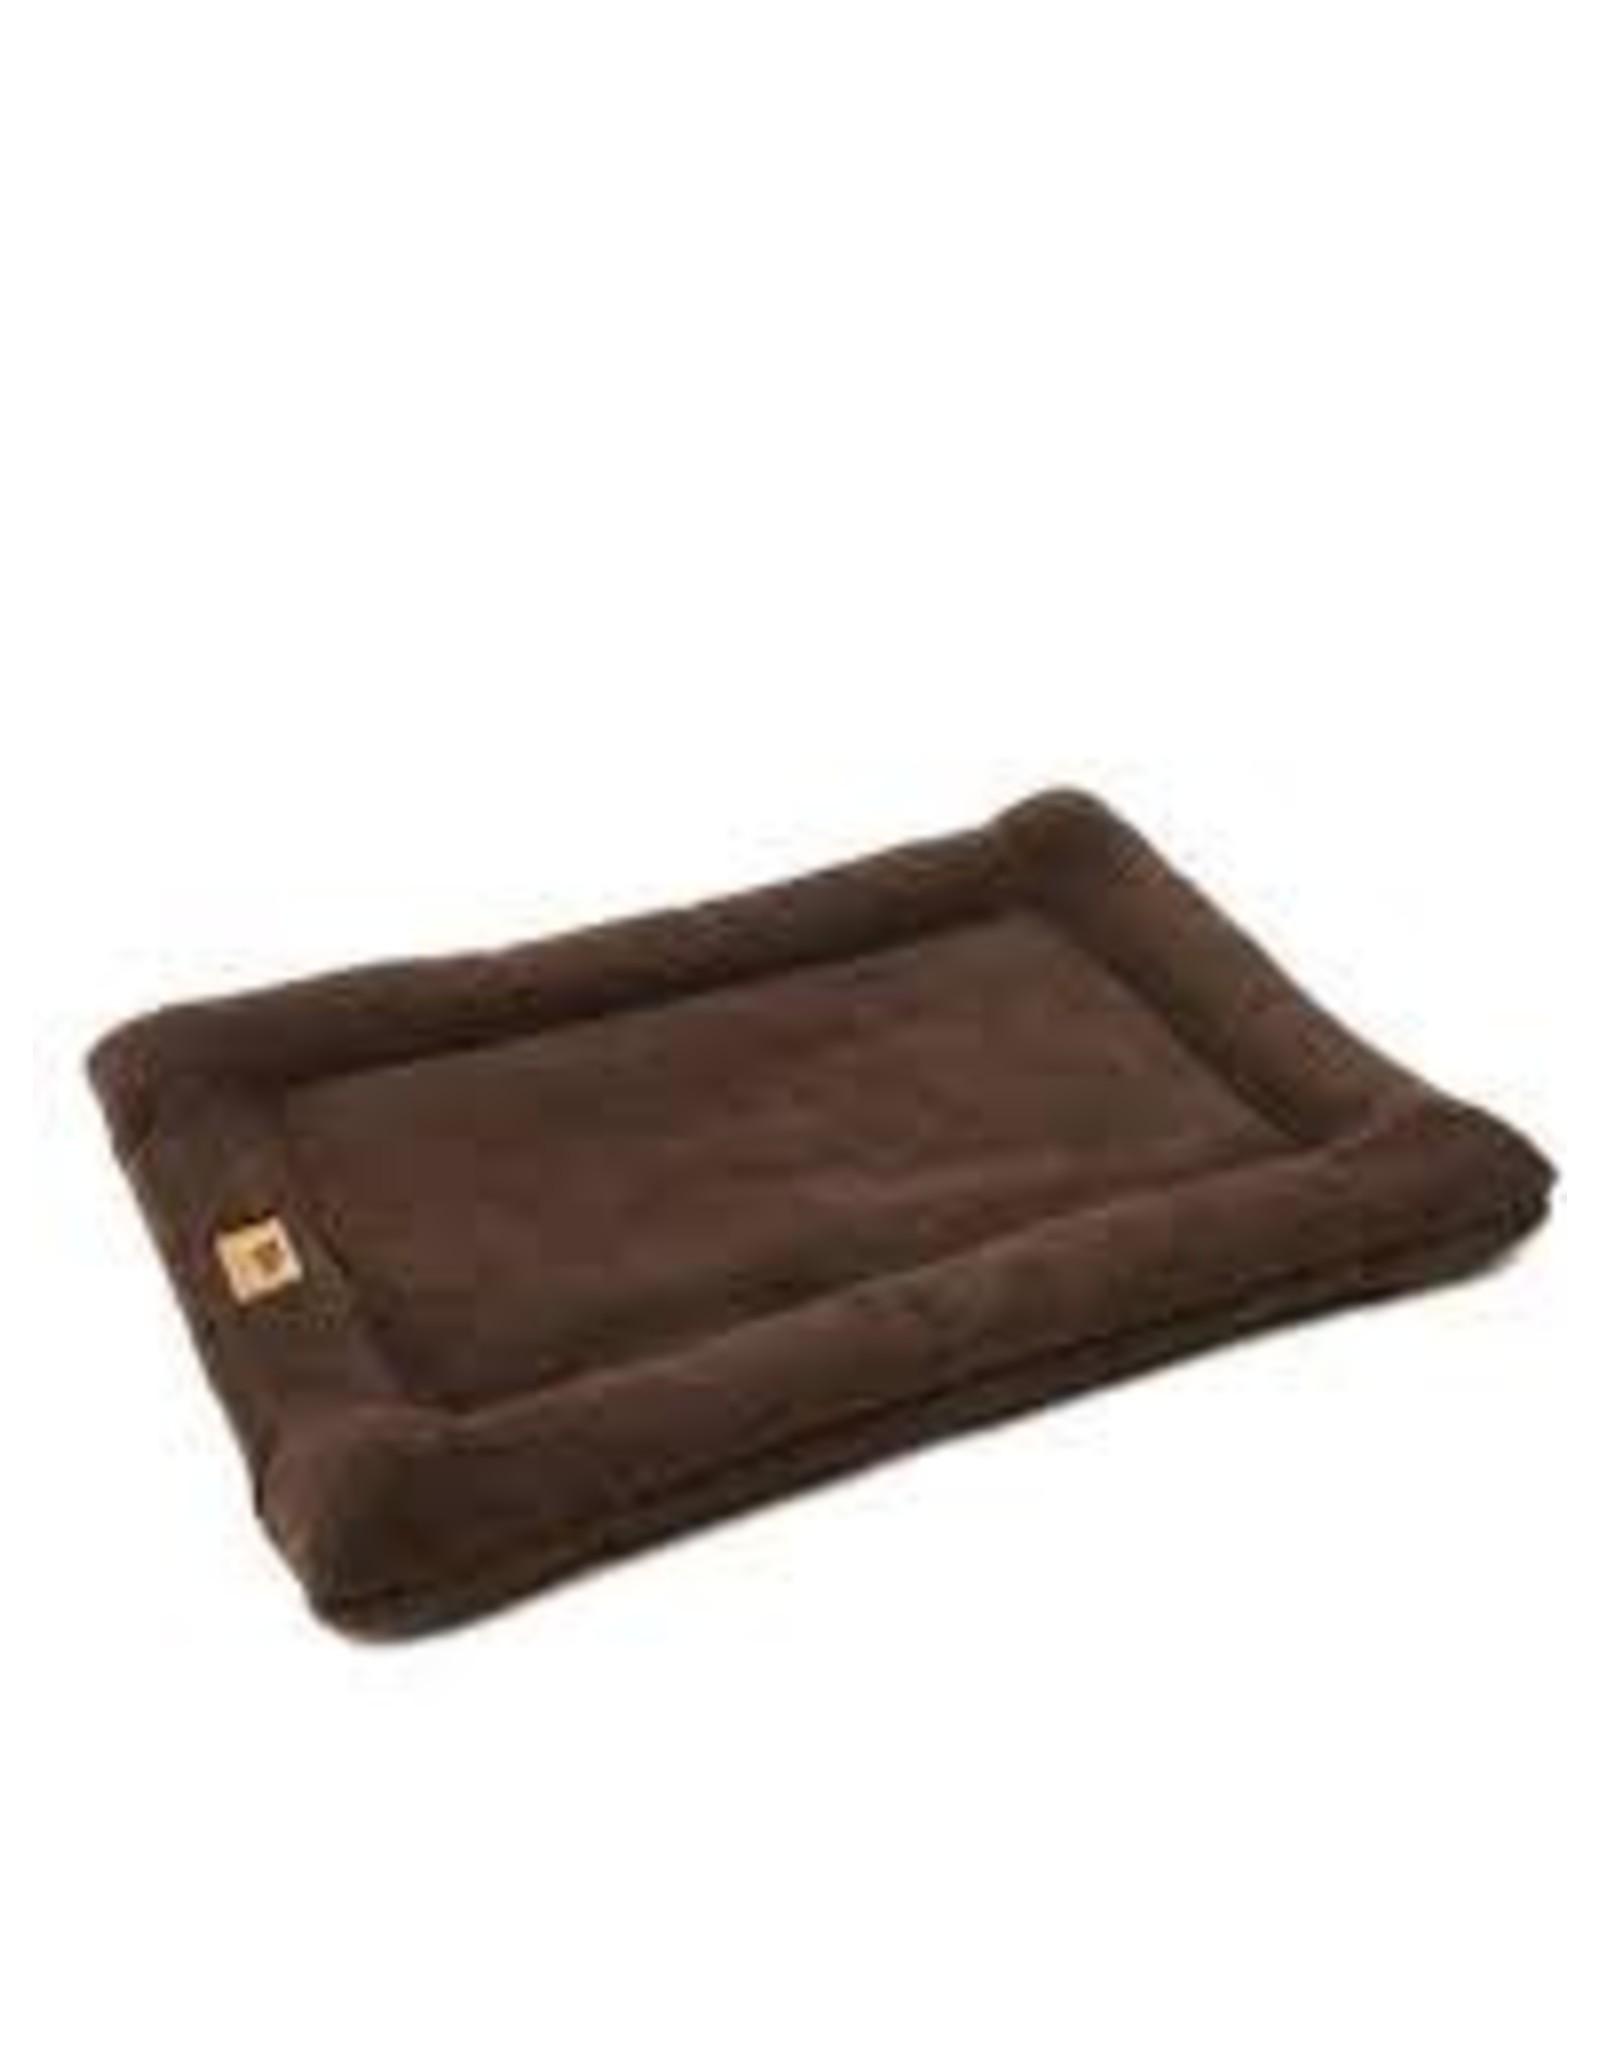 WEST PAW WEST PAW MONTANA NAP BED CHOCOLATE M 29x20